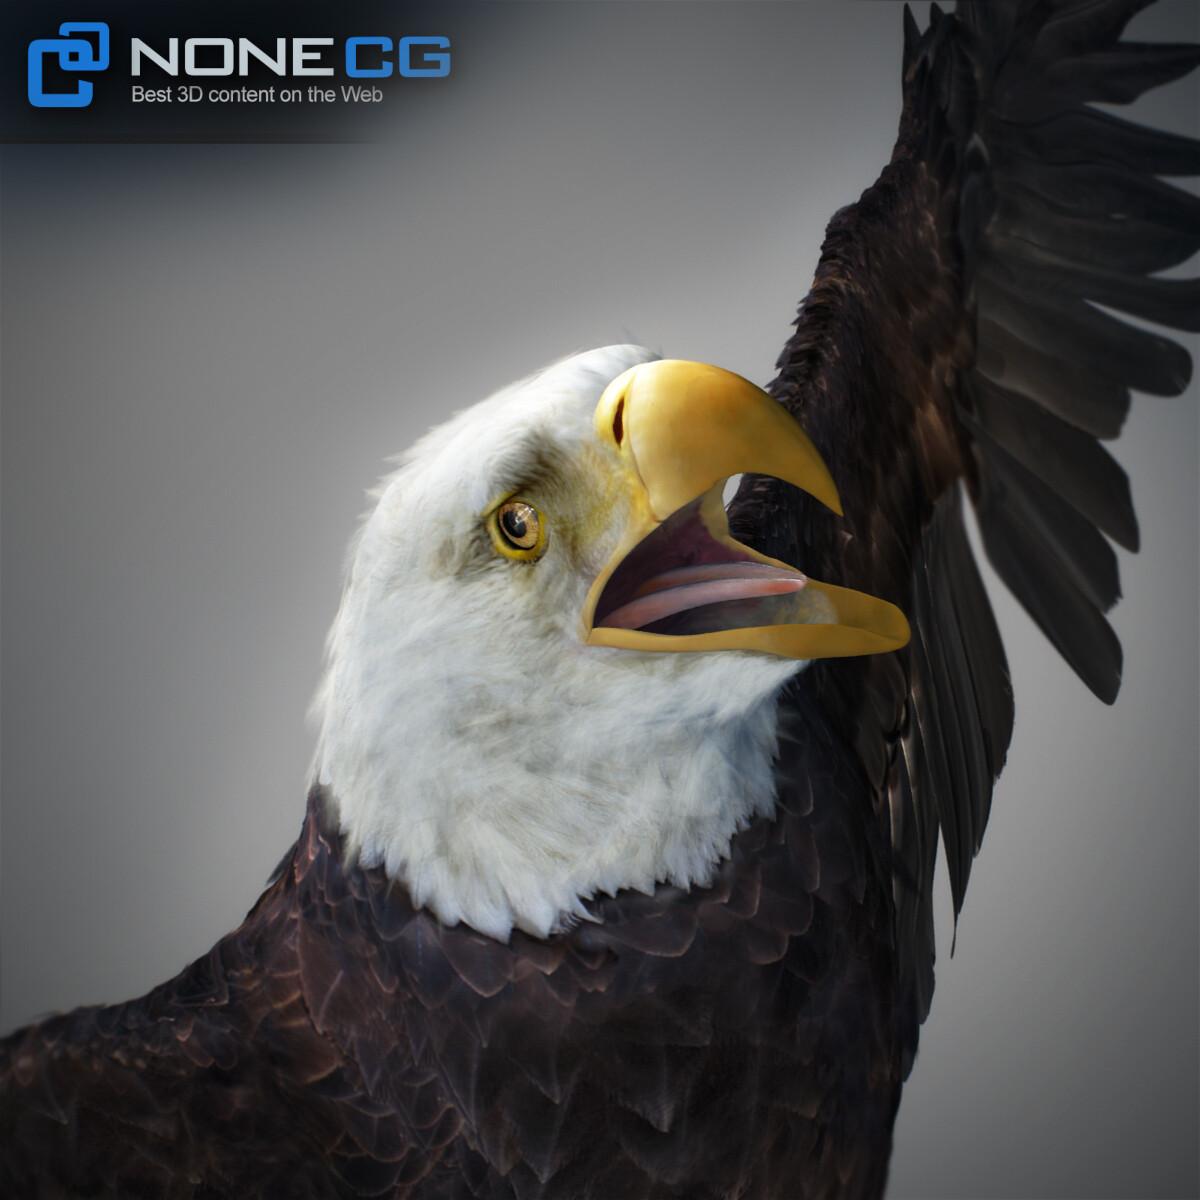 3D Bald Eagle Animated